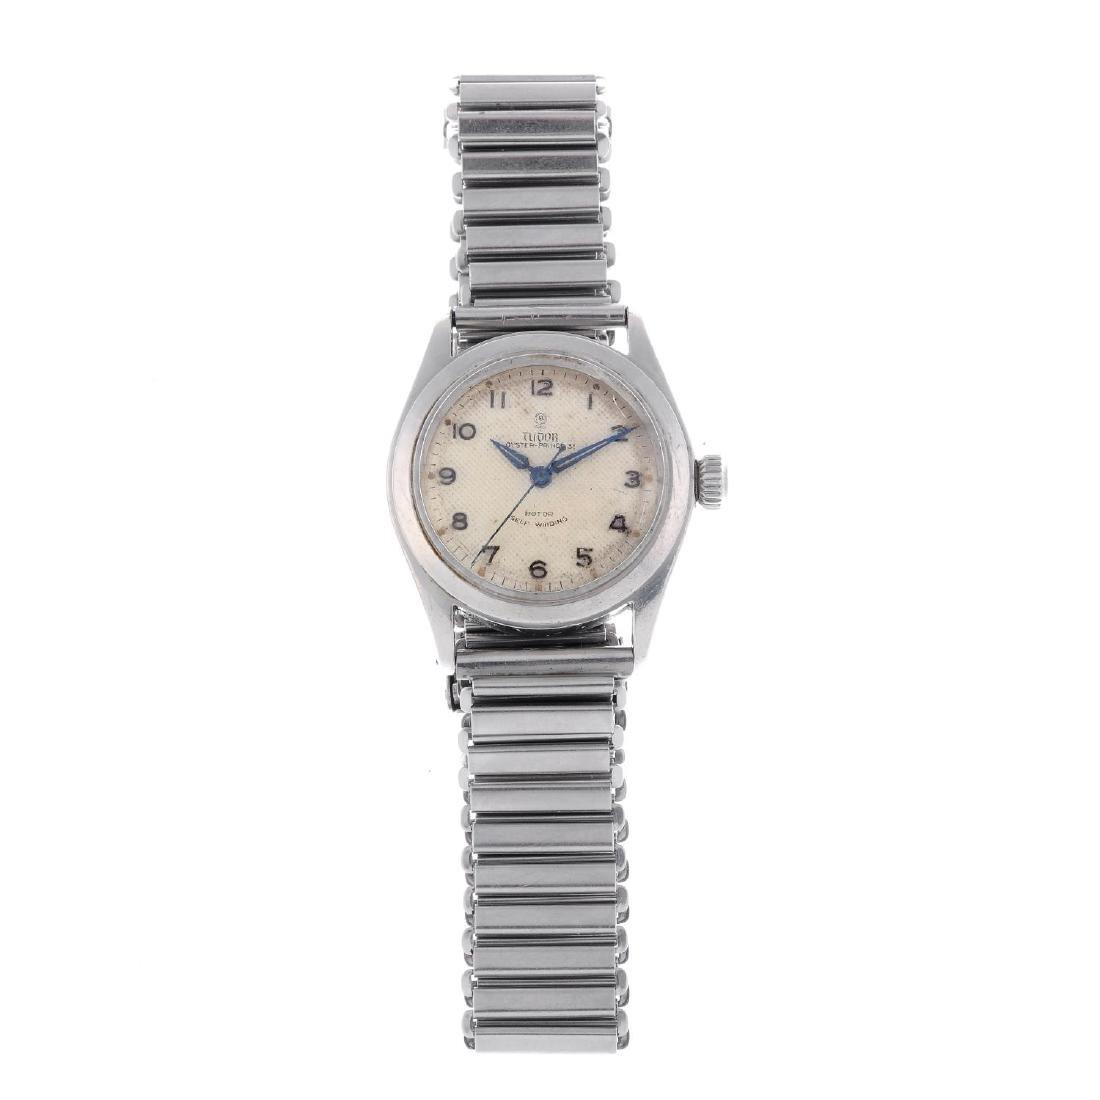 TUDOR - a mid-size Oyster Prince 31 bracelet watch.